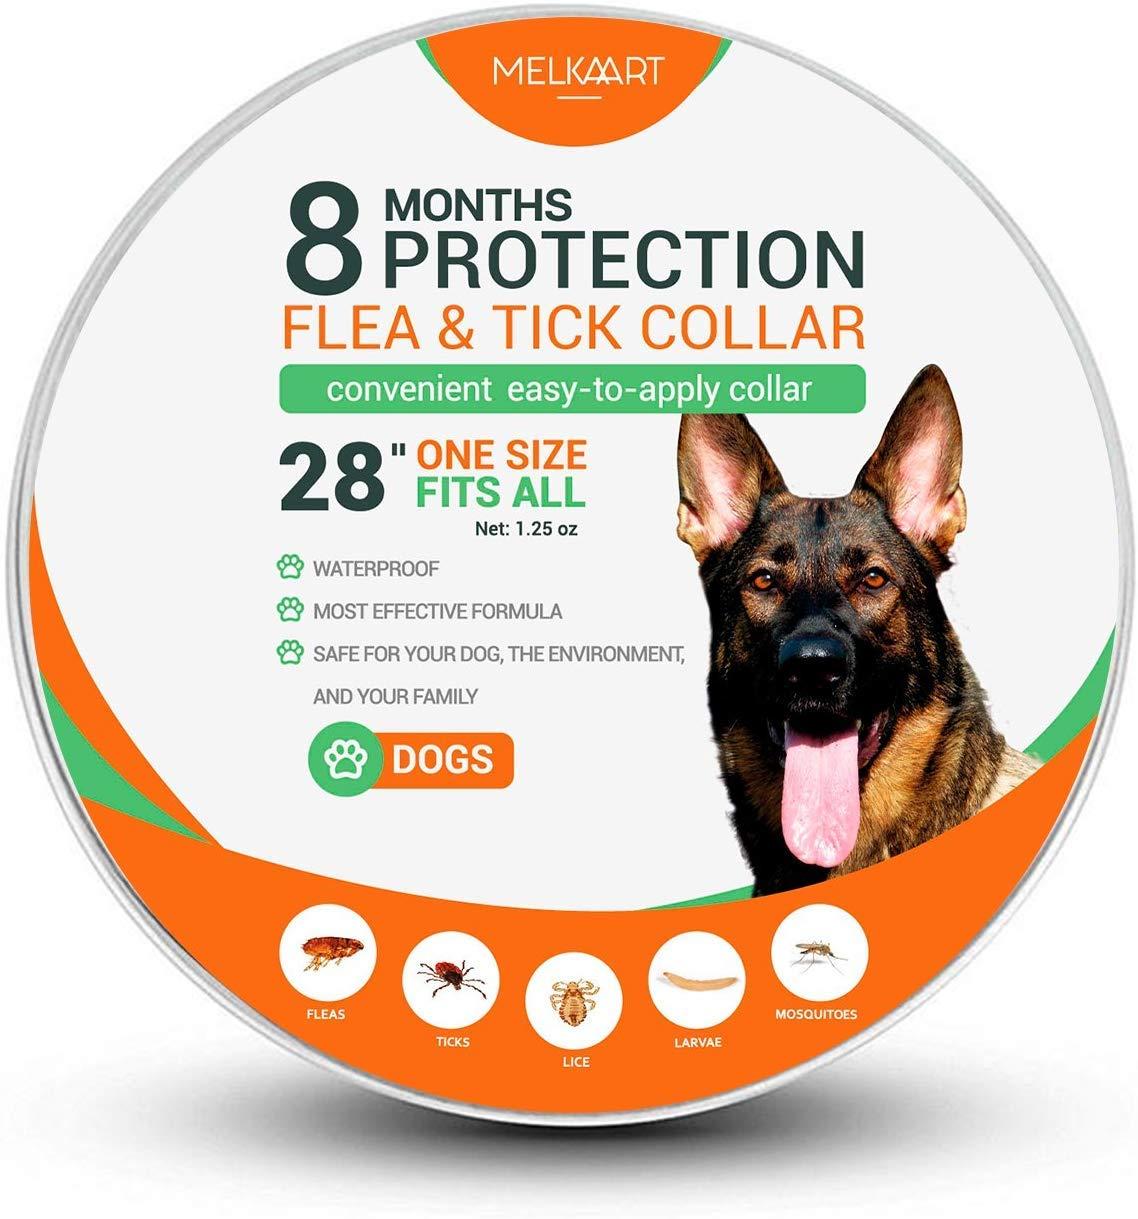 Melkaart Collar Dogs Protection Hypoallergenic